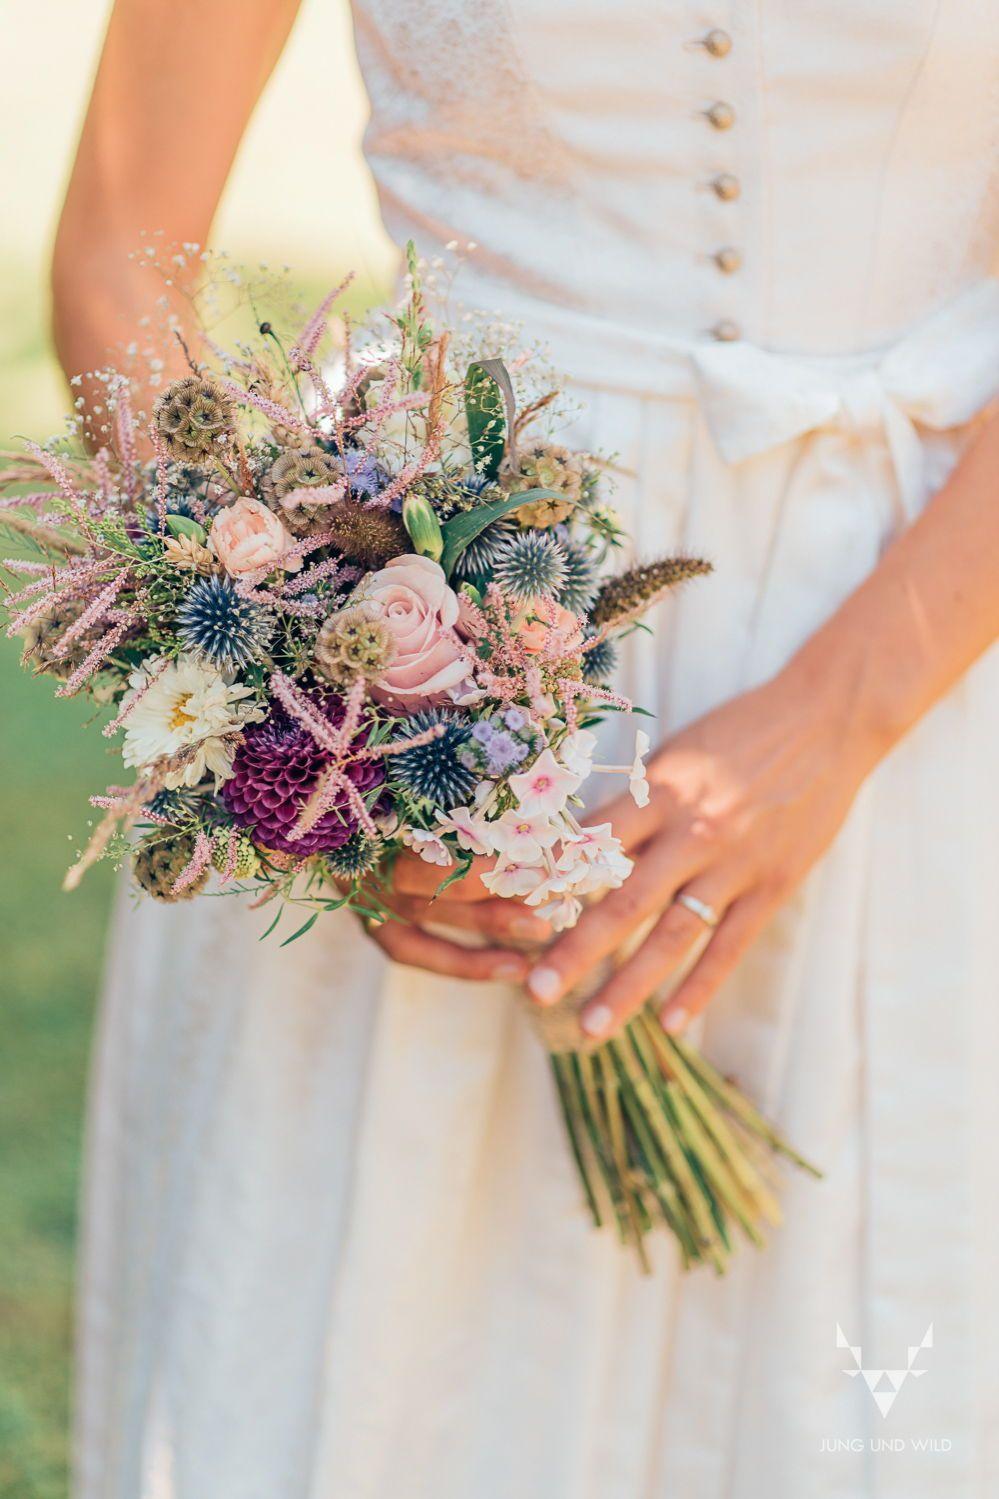 Heiraten In Tracht Inspirationen Fur Eine Dirndl Boho Fusion Jung Und Wild Design Dirndl Hochzeits Inspira In 2020 Blumenstrauss Hochzeit Brautstrauss Dirndl Hochzeit